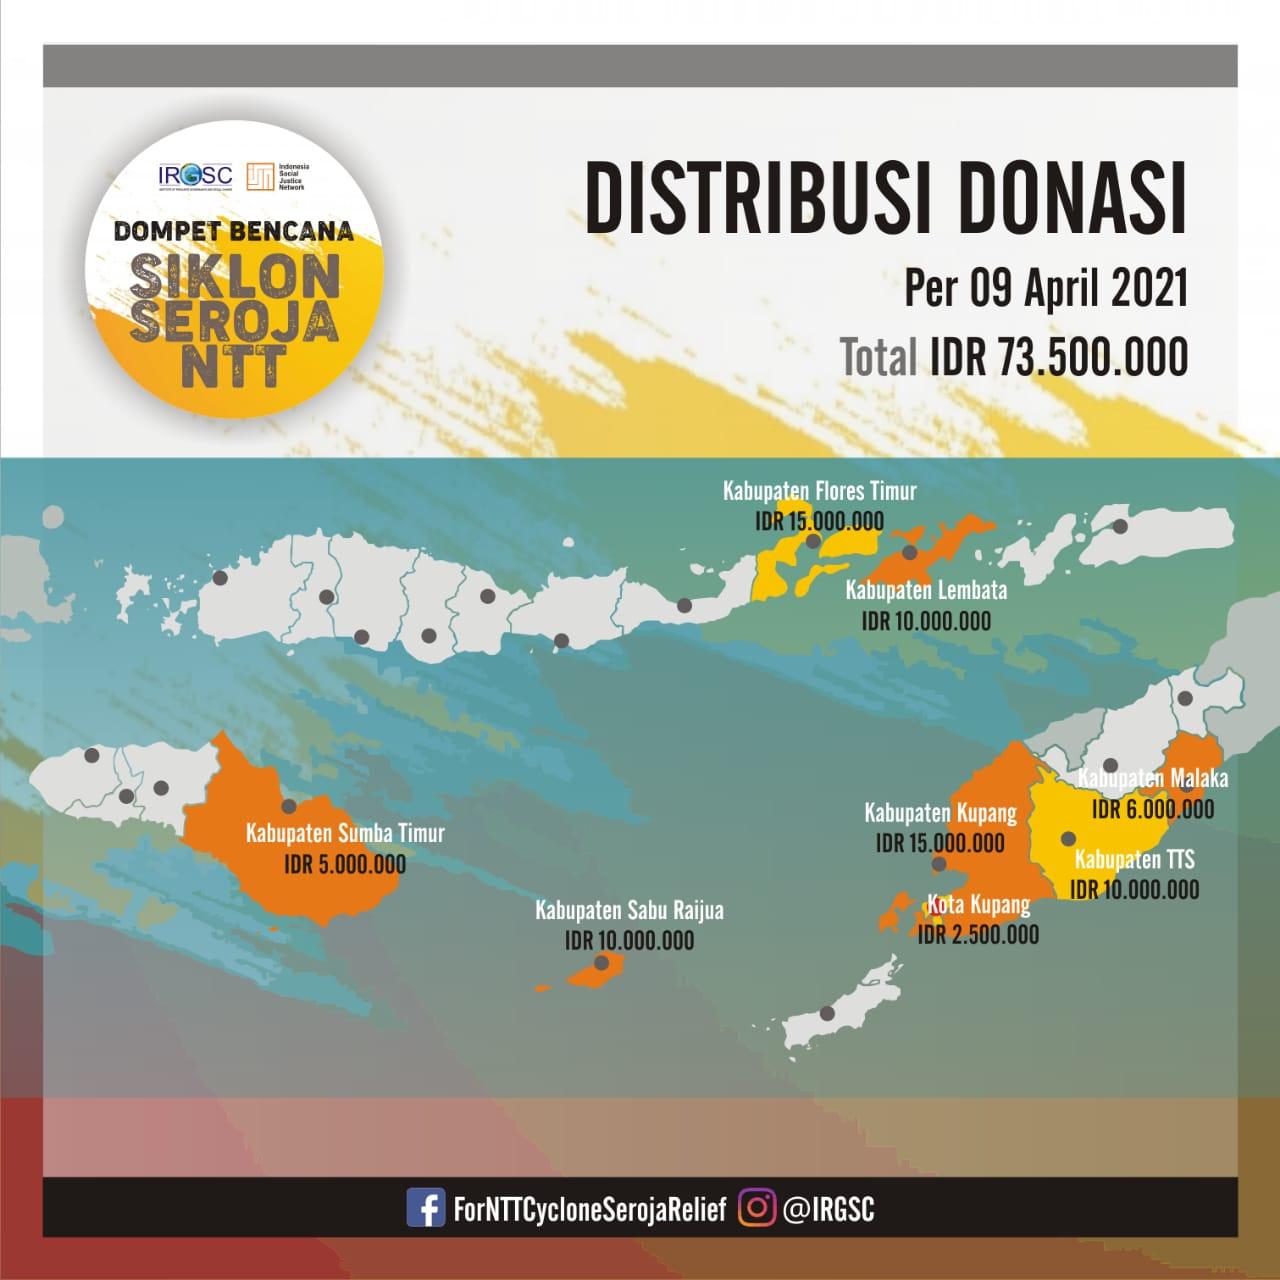 Laporan penerimaan dan distribusi donasi yang telah disalurkan oleh Institute of Resource Governance and Social Change (IRGSC) dan Indonesia Social Justice Network (ISJN)